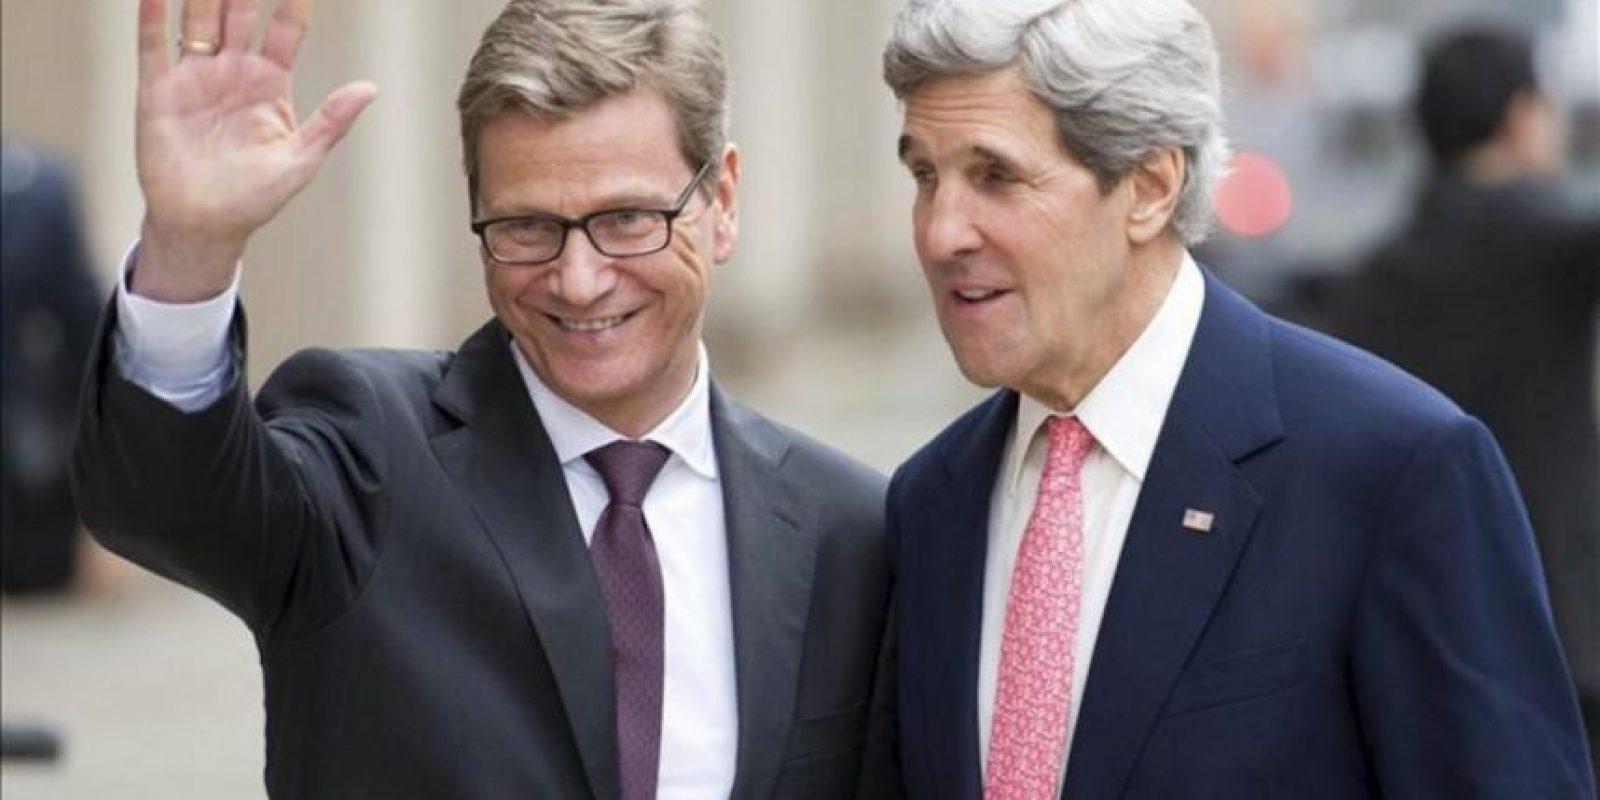 El ministro alemán de Asuntos Exteriores, Guido Westerwelle (i), y el secretario de estado estadounidense, John Kerry (dcha), posan para los medios, hoy en Berlín (Alemania). EFE